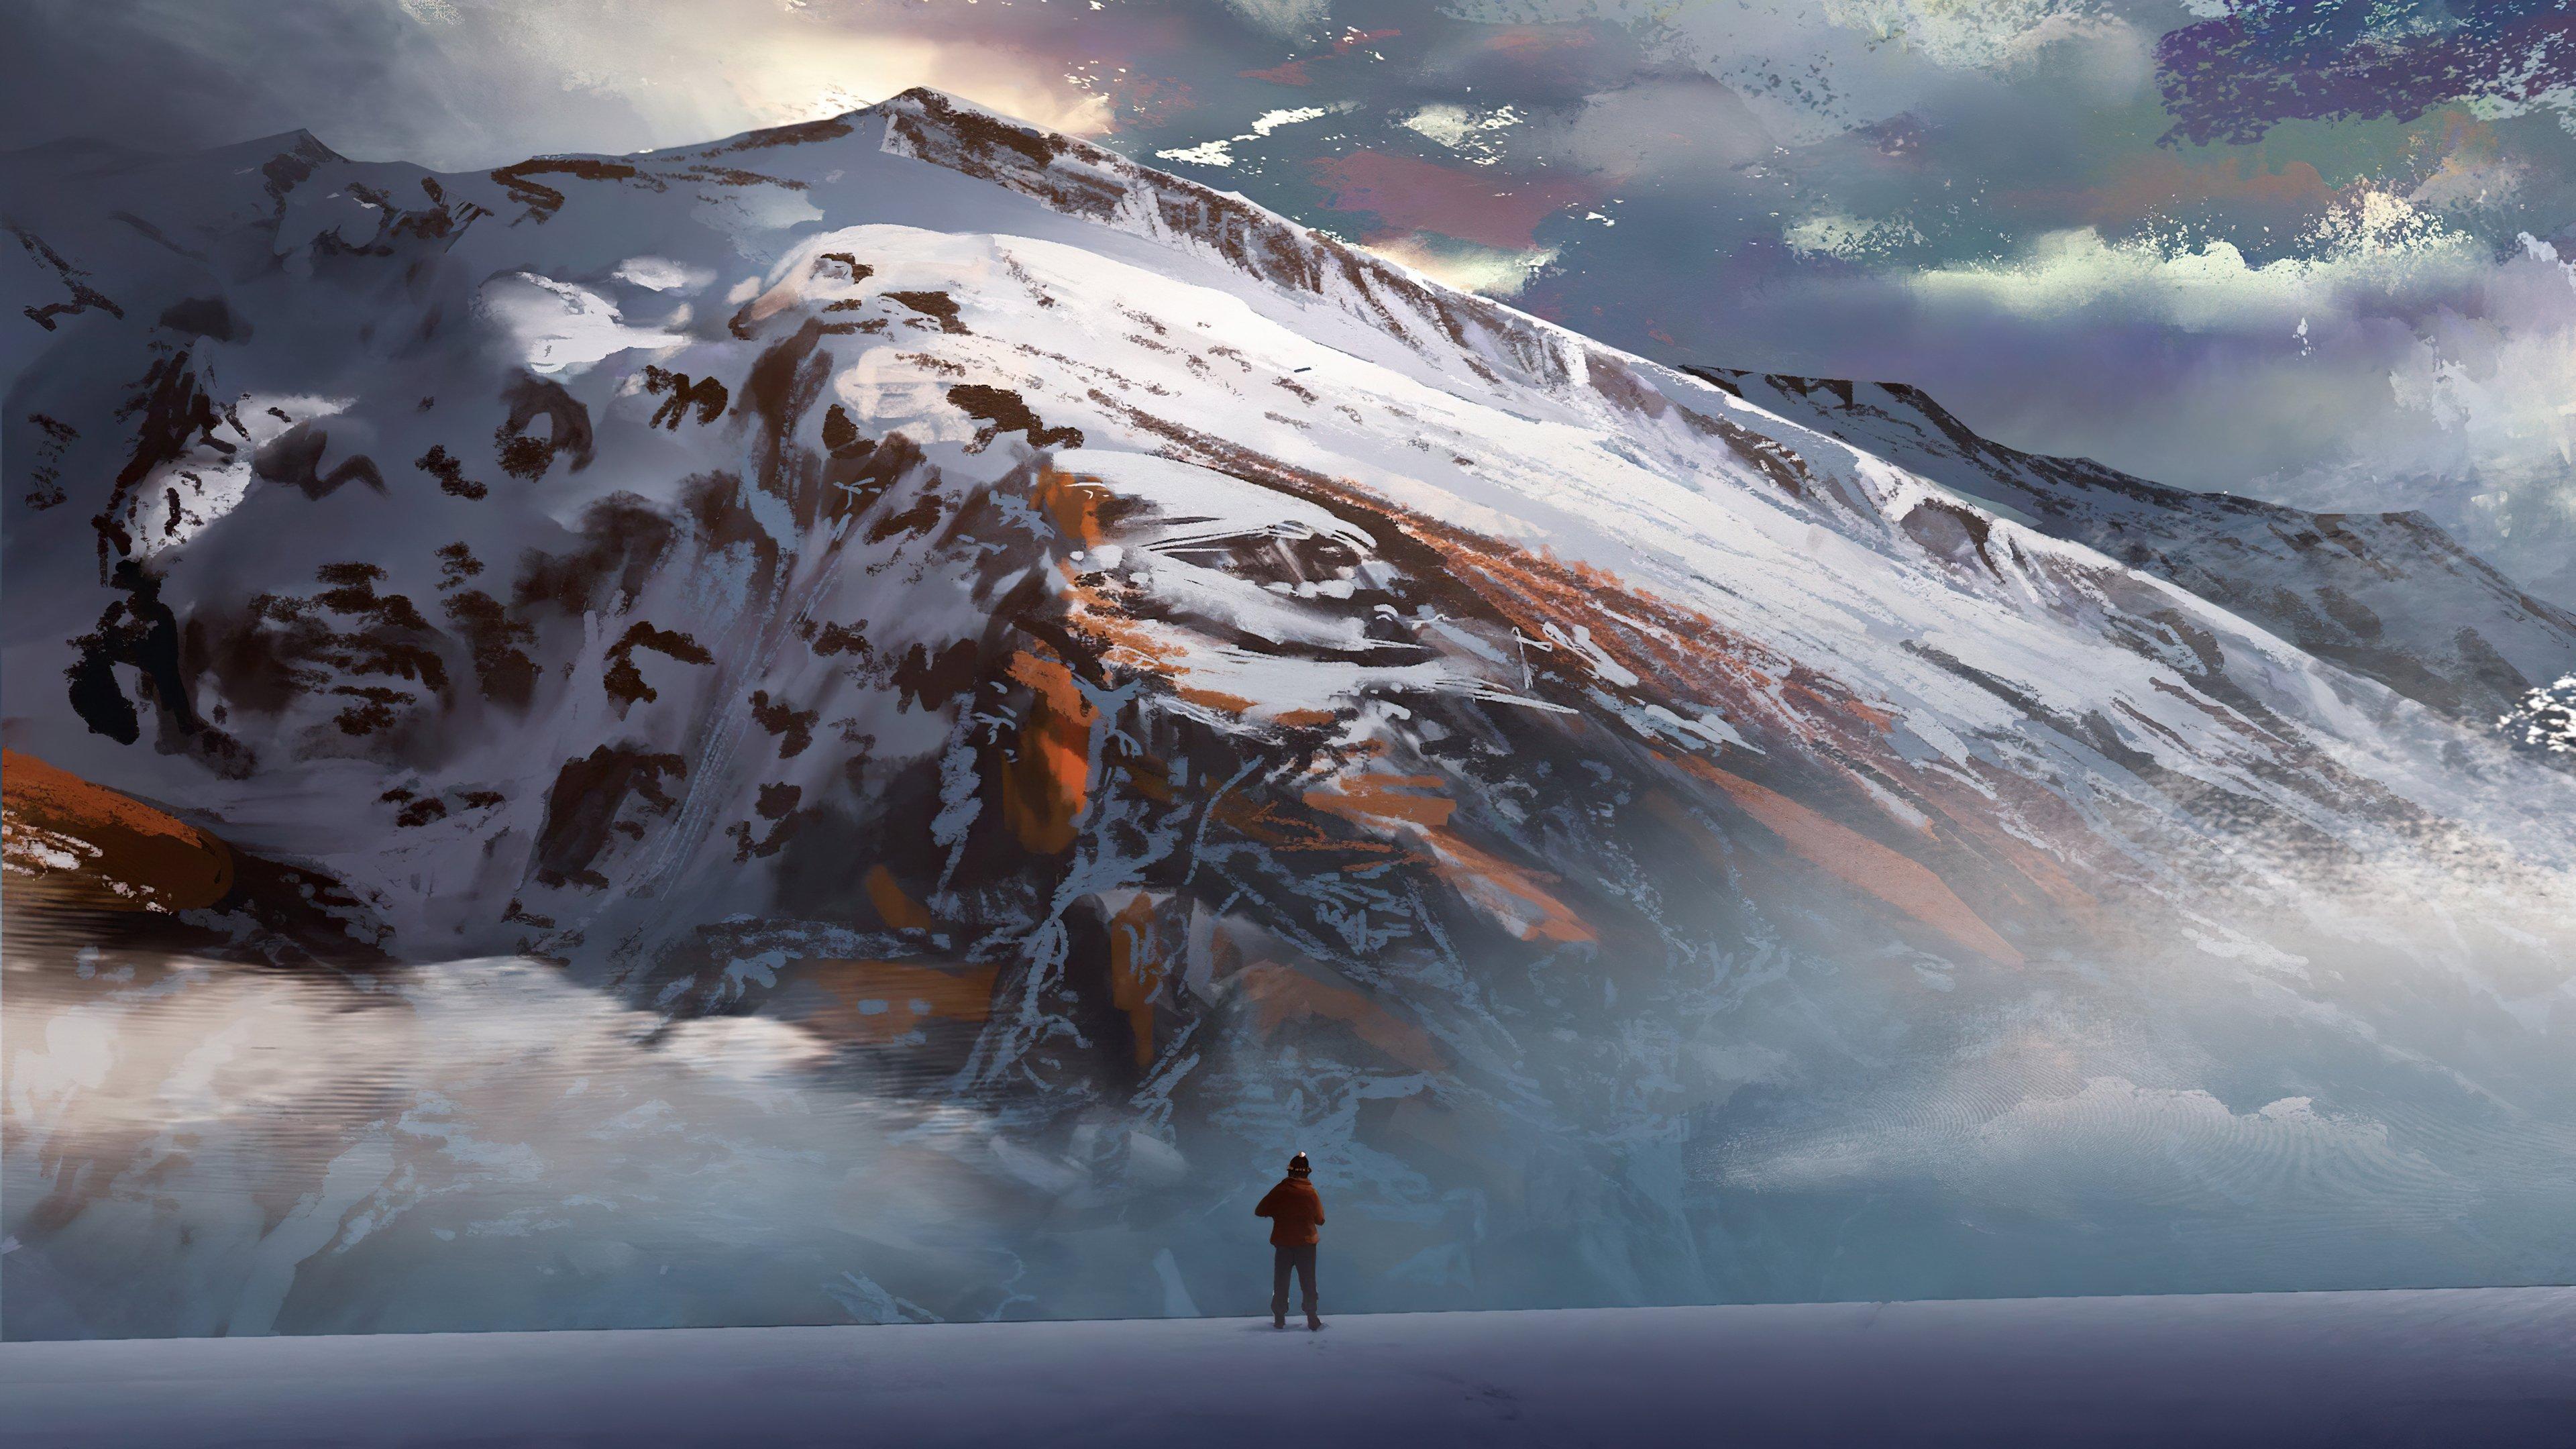 Fondos de pantalla Hombre viendo las montañas